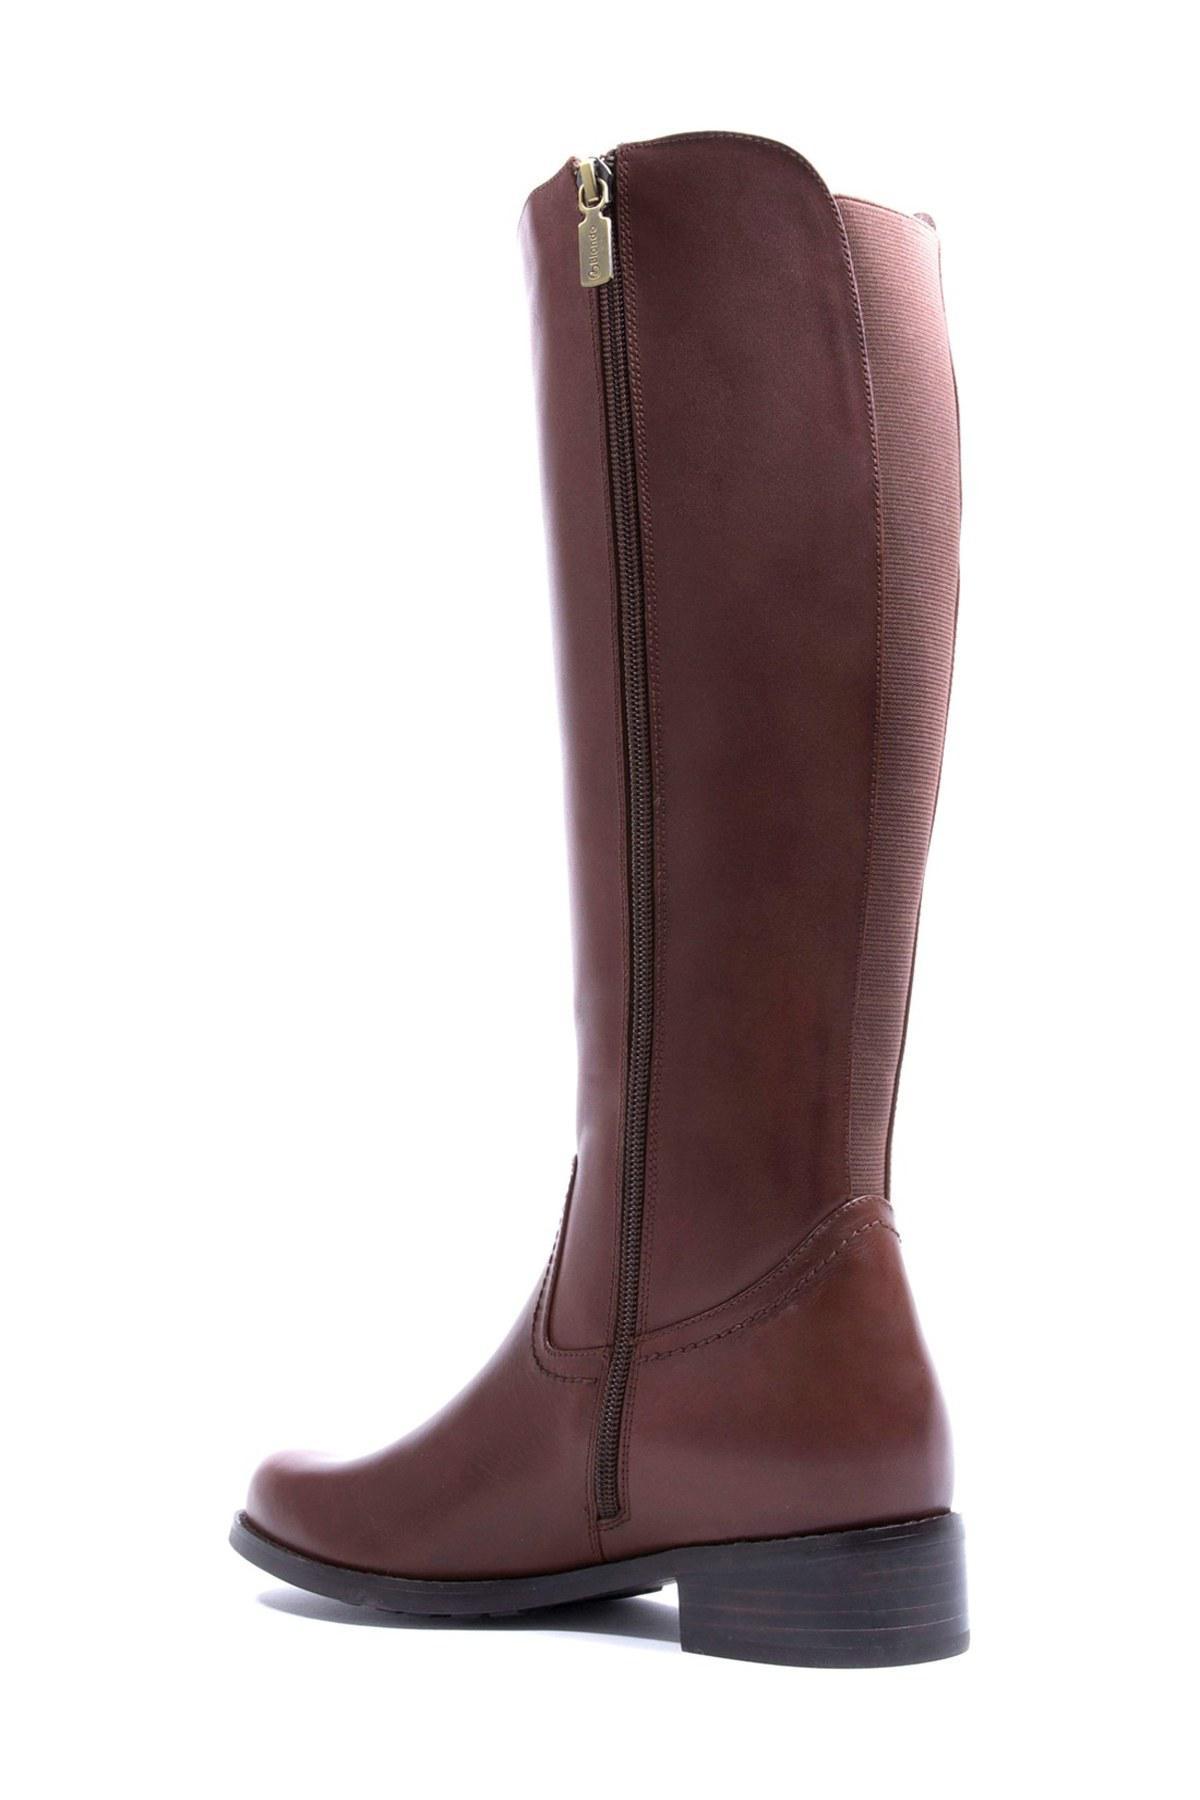 9bb6a00ec1a Blondo Multicolor 'velvet' Waterproof Riding Boot (women) (regular & Wide  Calf)